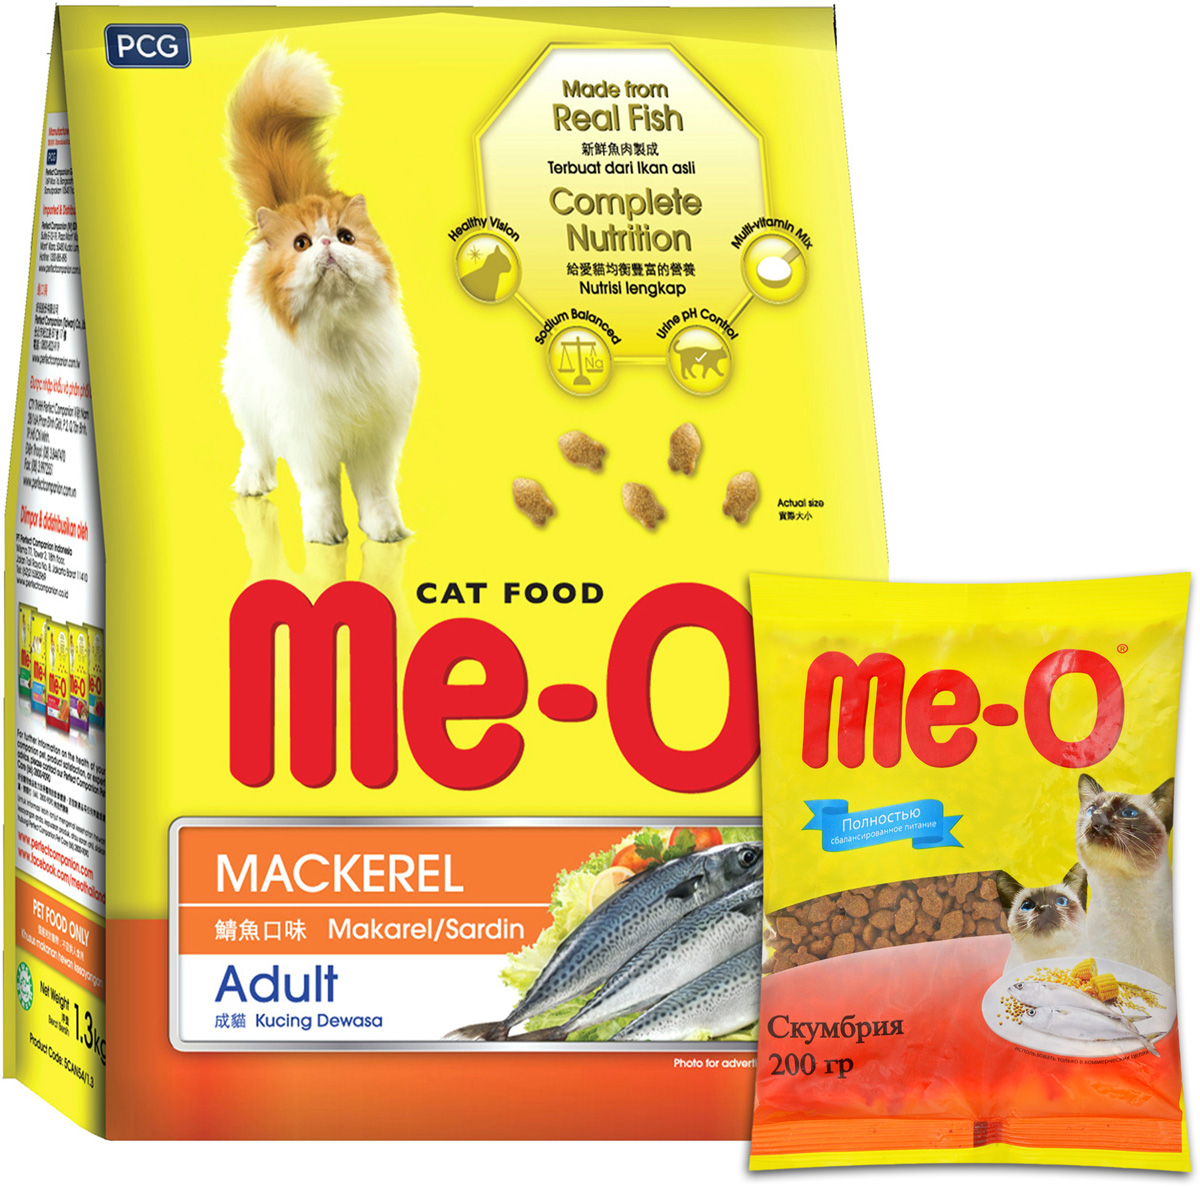 Корм сухой для кошек и котов PCG Ме-О, скумбрия, 35 шт х 200 г (7 кг) паучи для кошек и котов pcg ме о сардина с курицей и рисом в желе 80 г